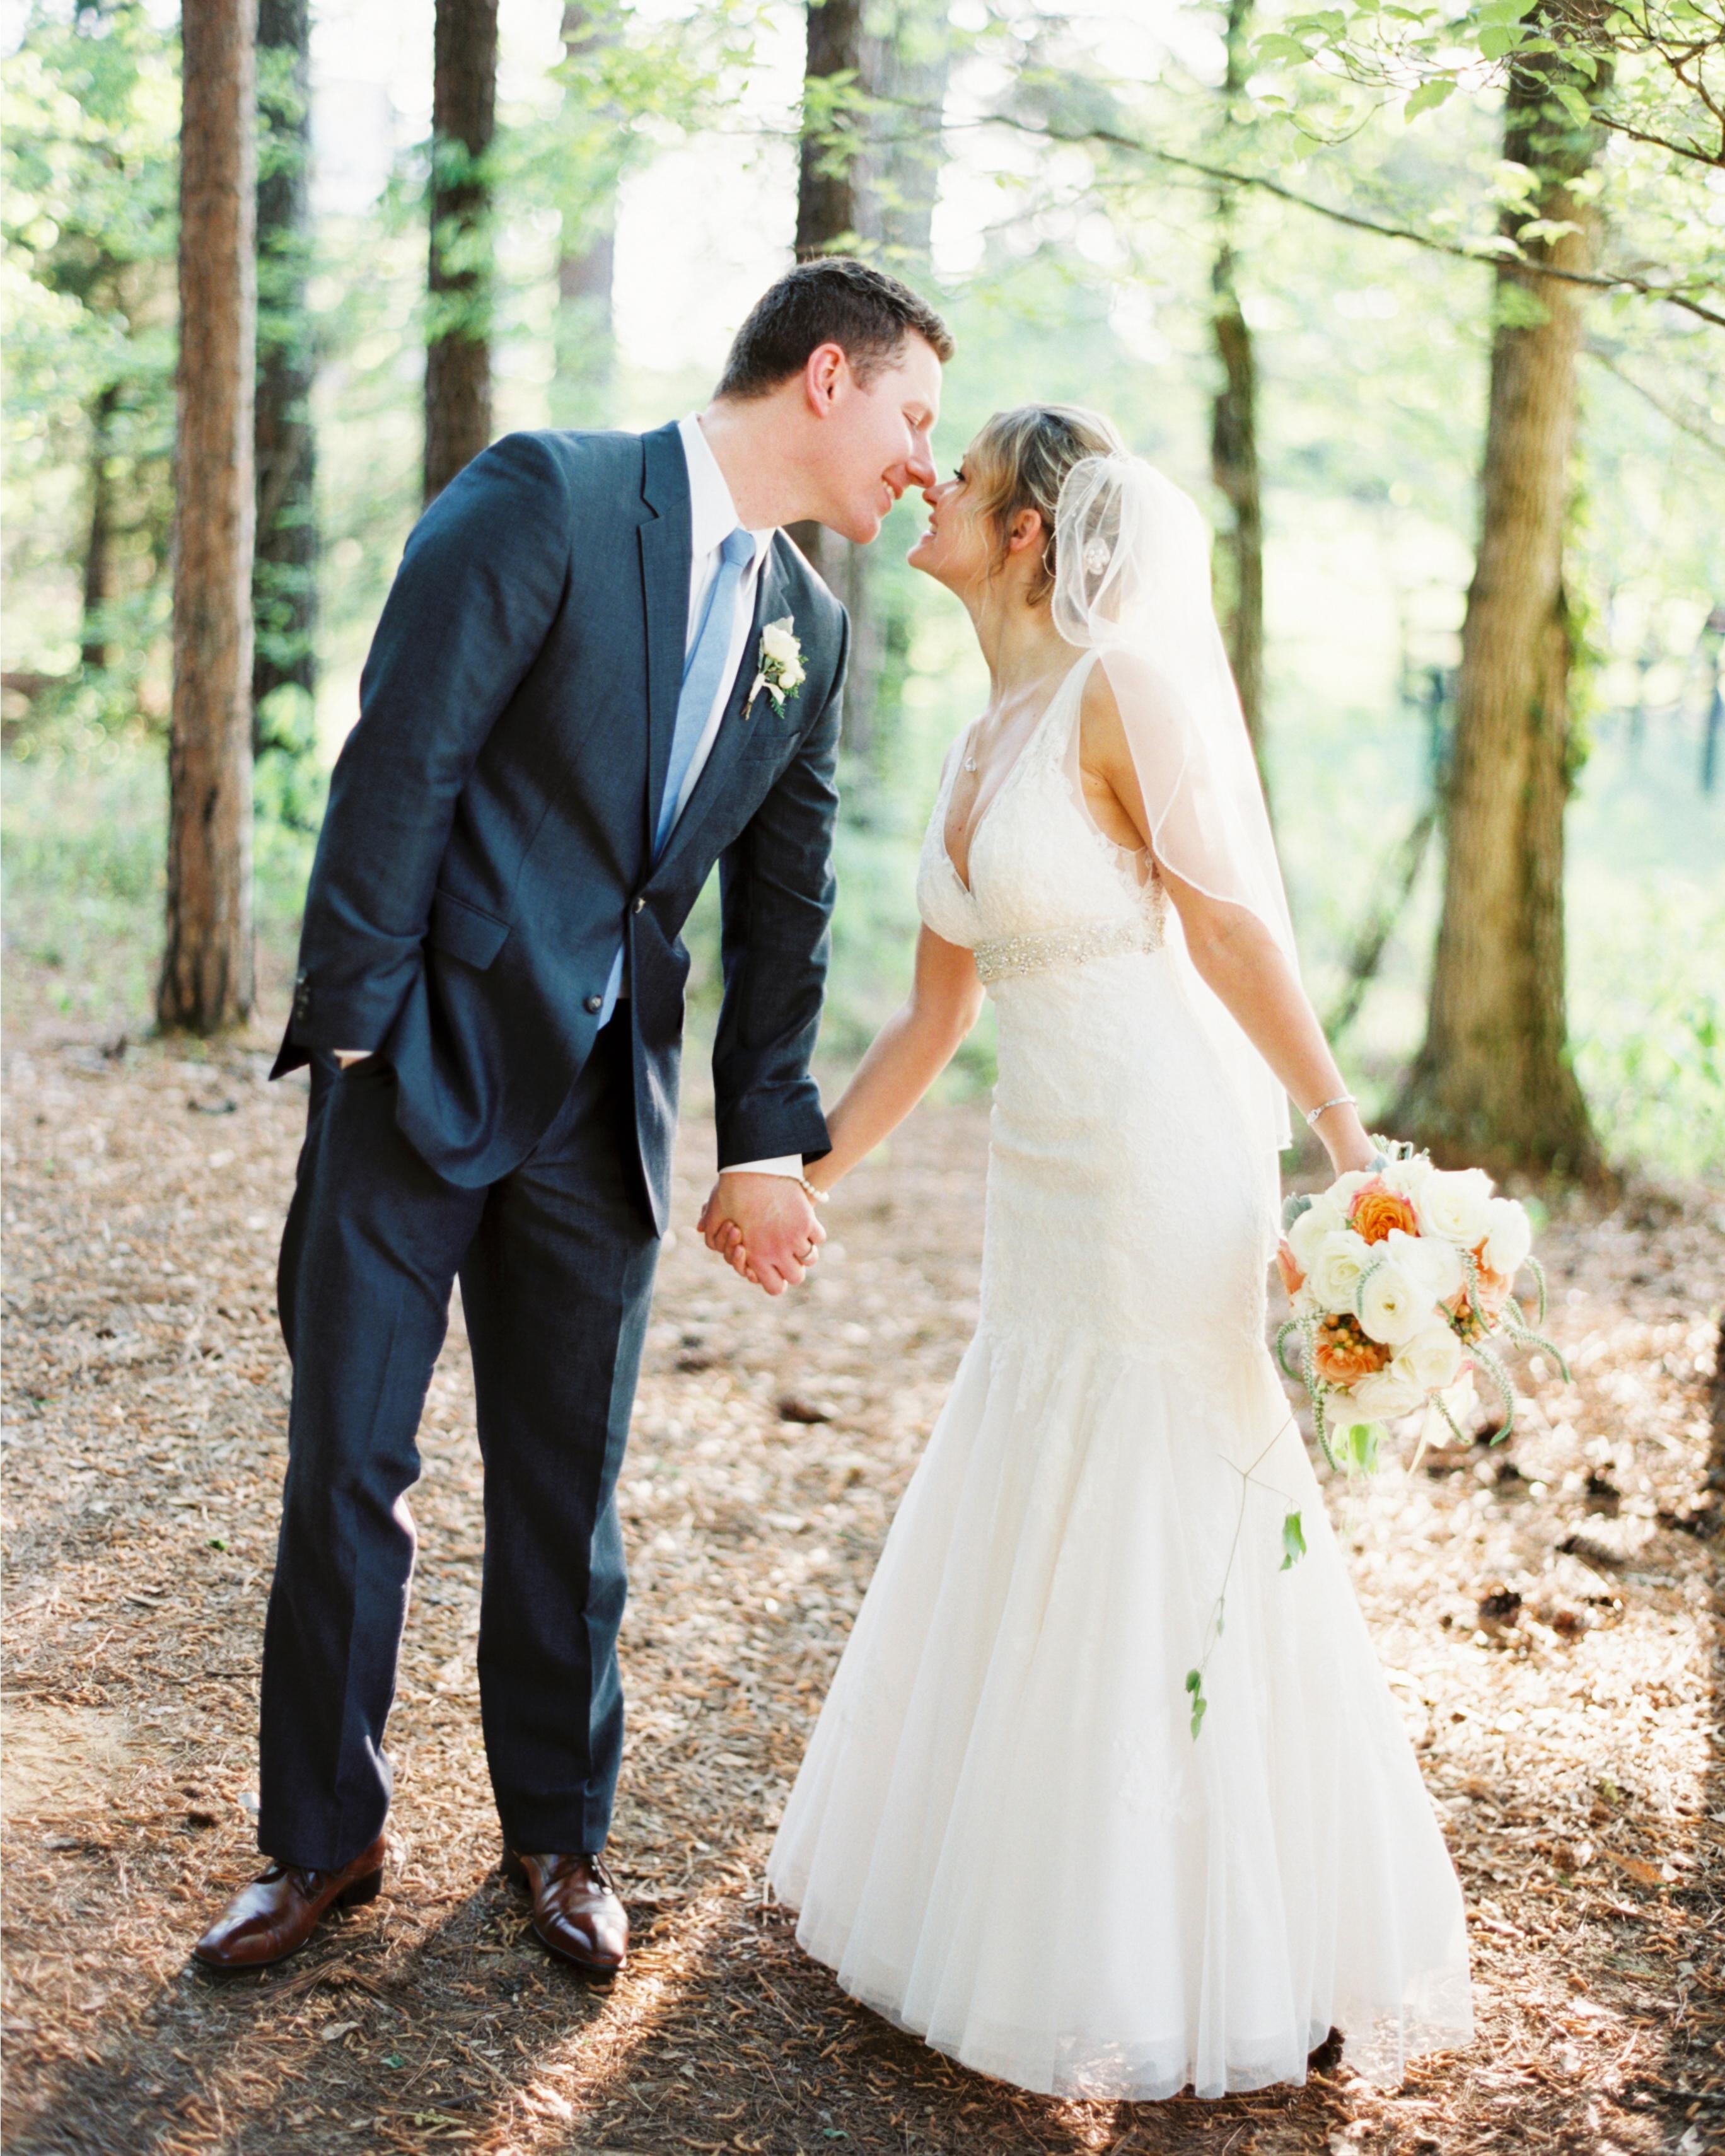 olga-david-wedding-portrait1-0314.jpg